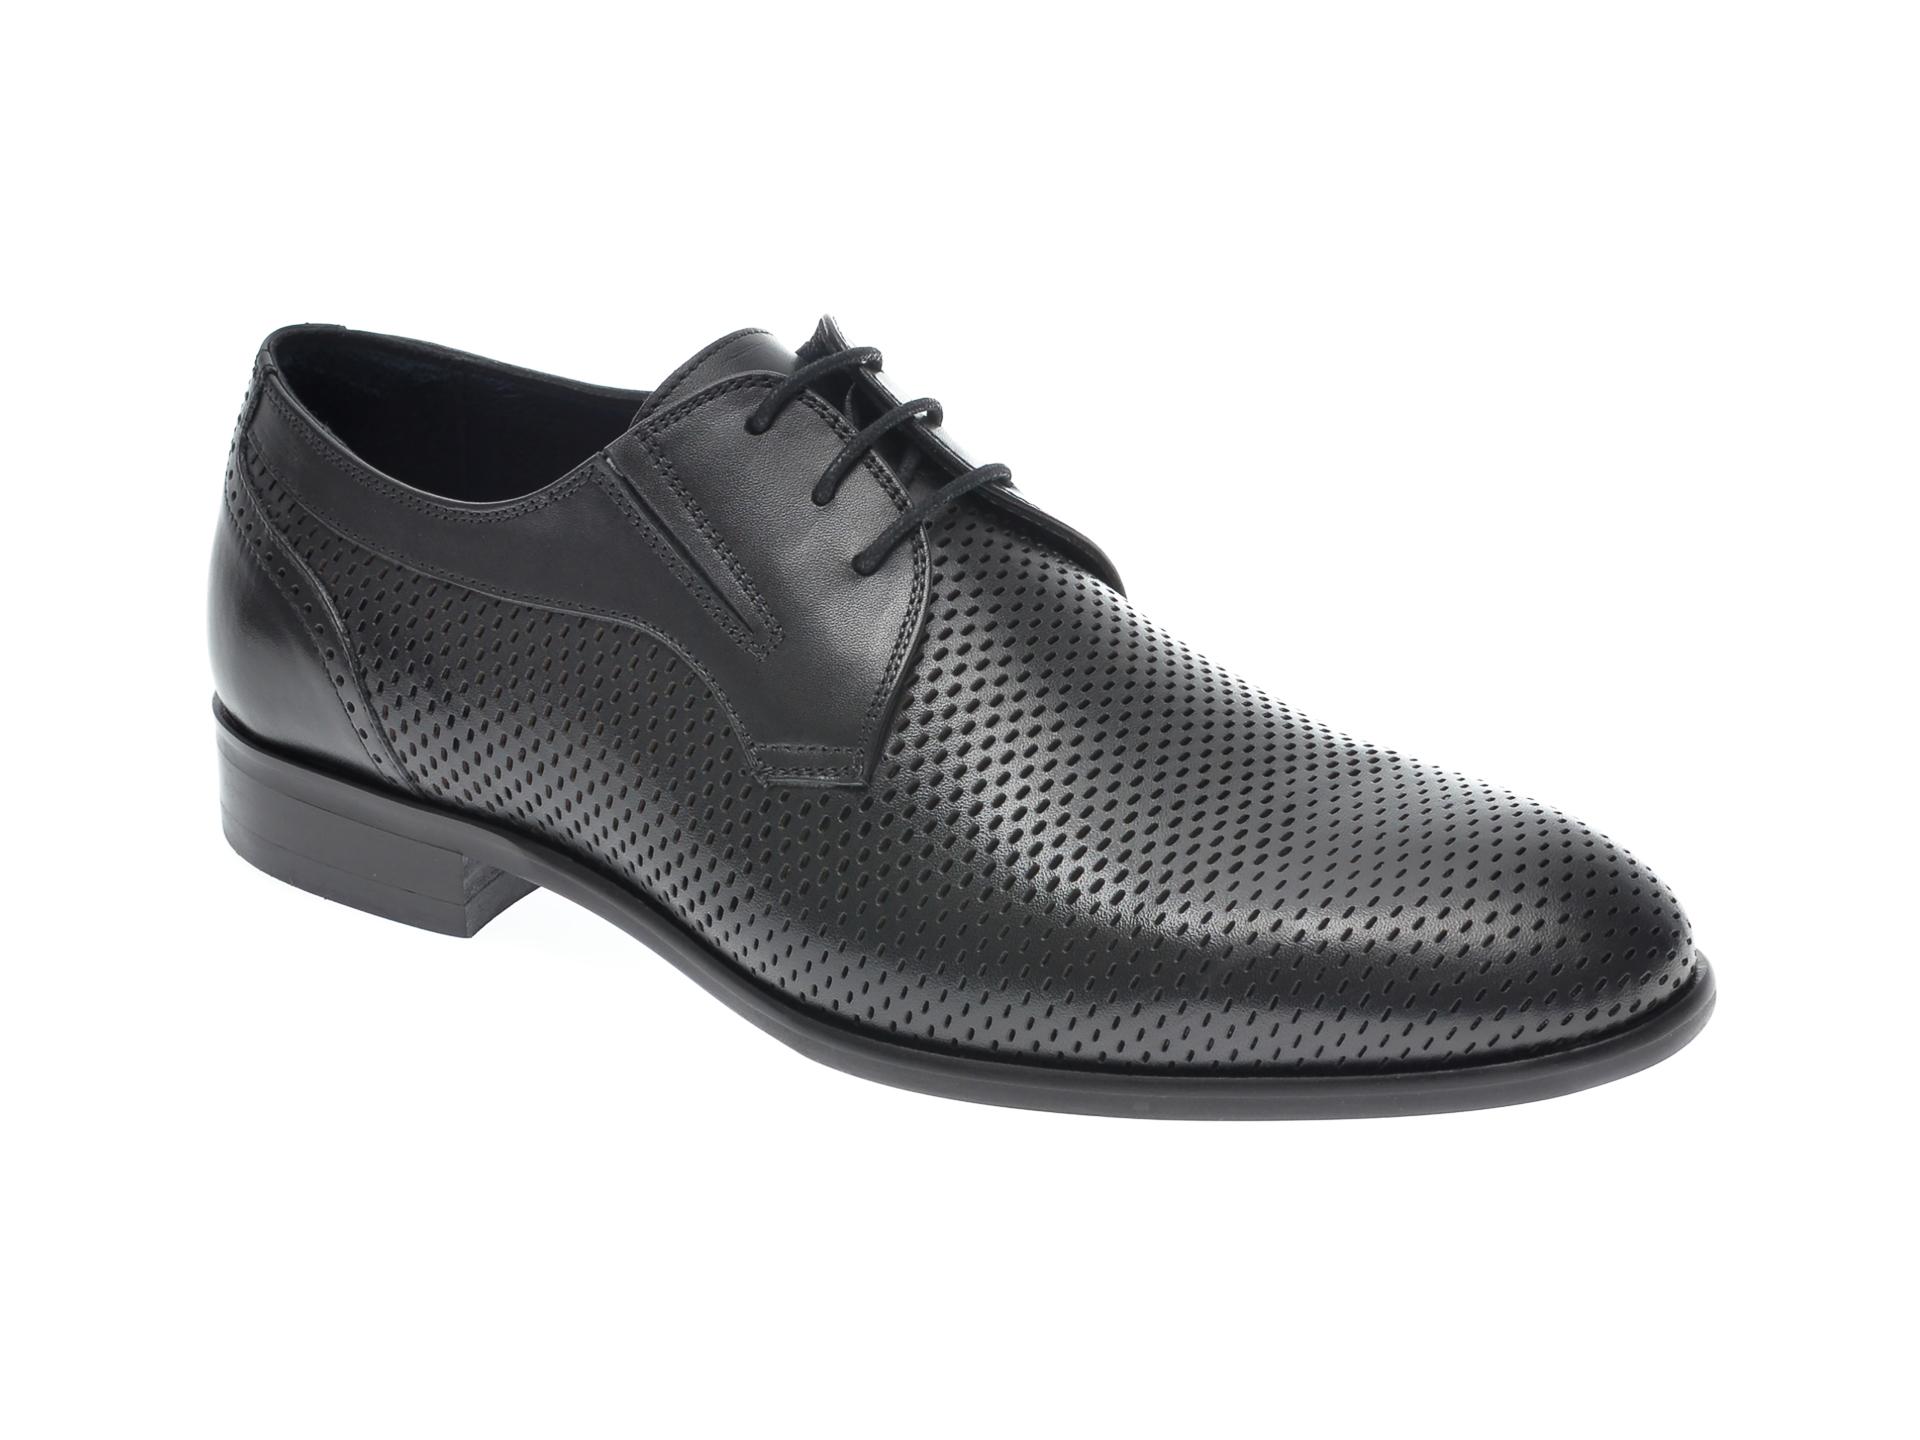 Pantofi OTTER negri, 7838, din piele naturala imagine otter.ro 2021